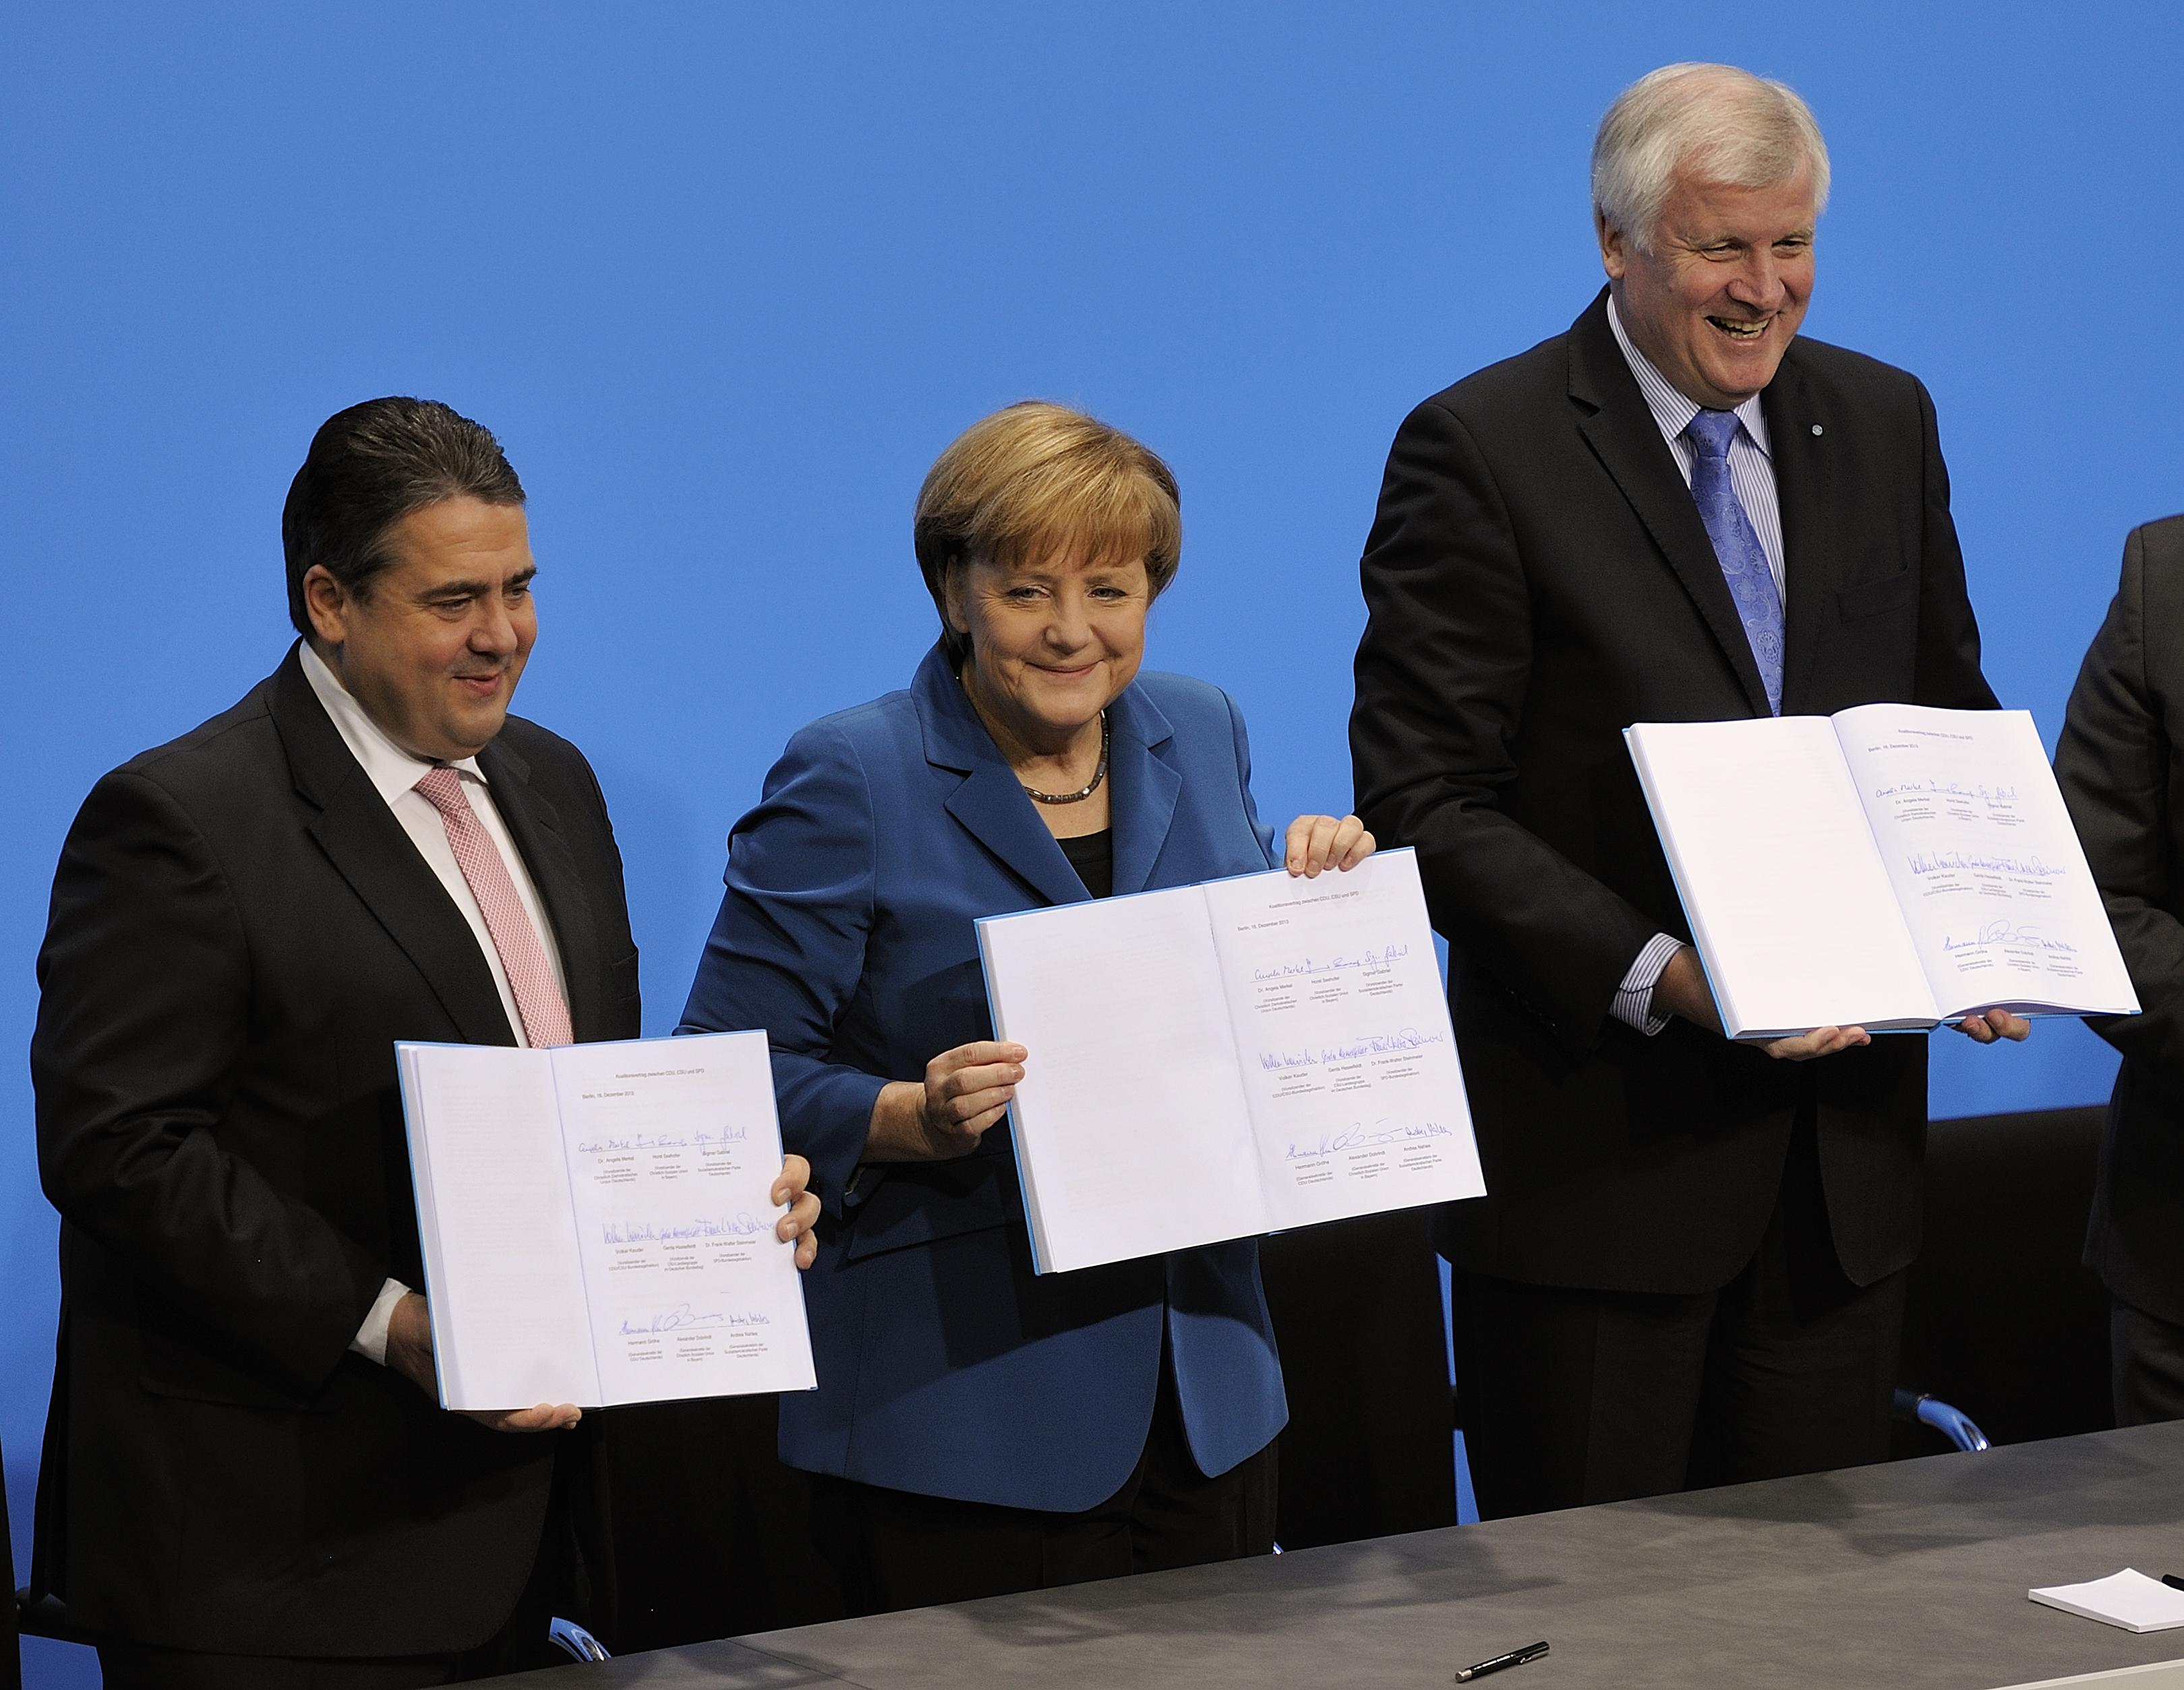 Die Wahl Zum Deutschen Bundestag Zusammenfassung Und Quellen